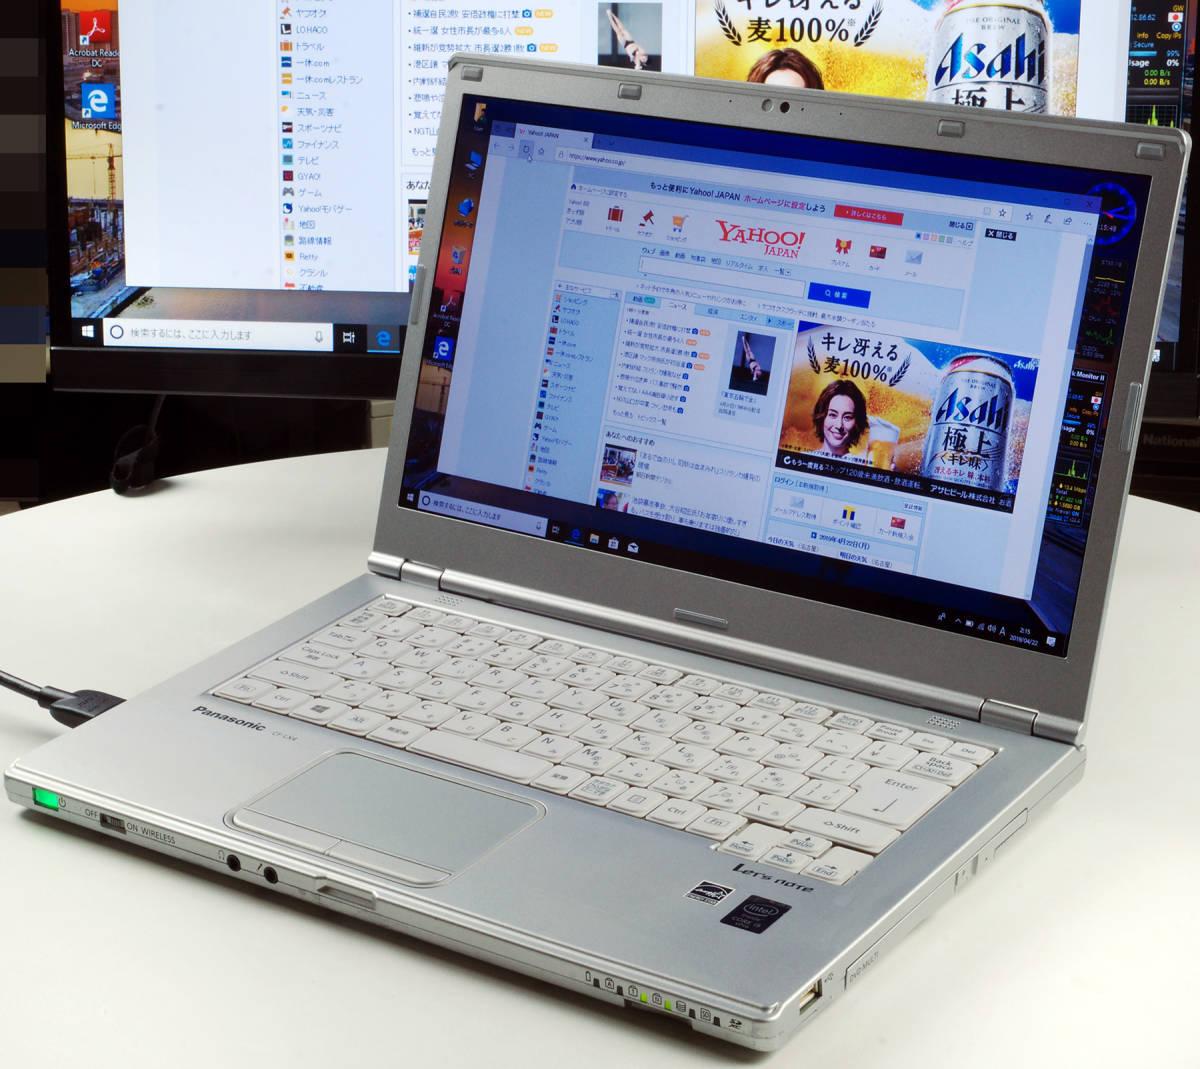 Let'sNote CF-LX4 Corei5(5300U) Mem8GB 新SSD480GB Webカメラ+無線LAN Win10Pro64bit Ver.1809 バッテリー良好_画像2